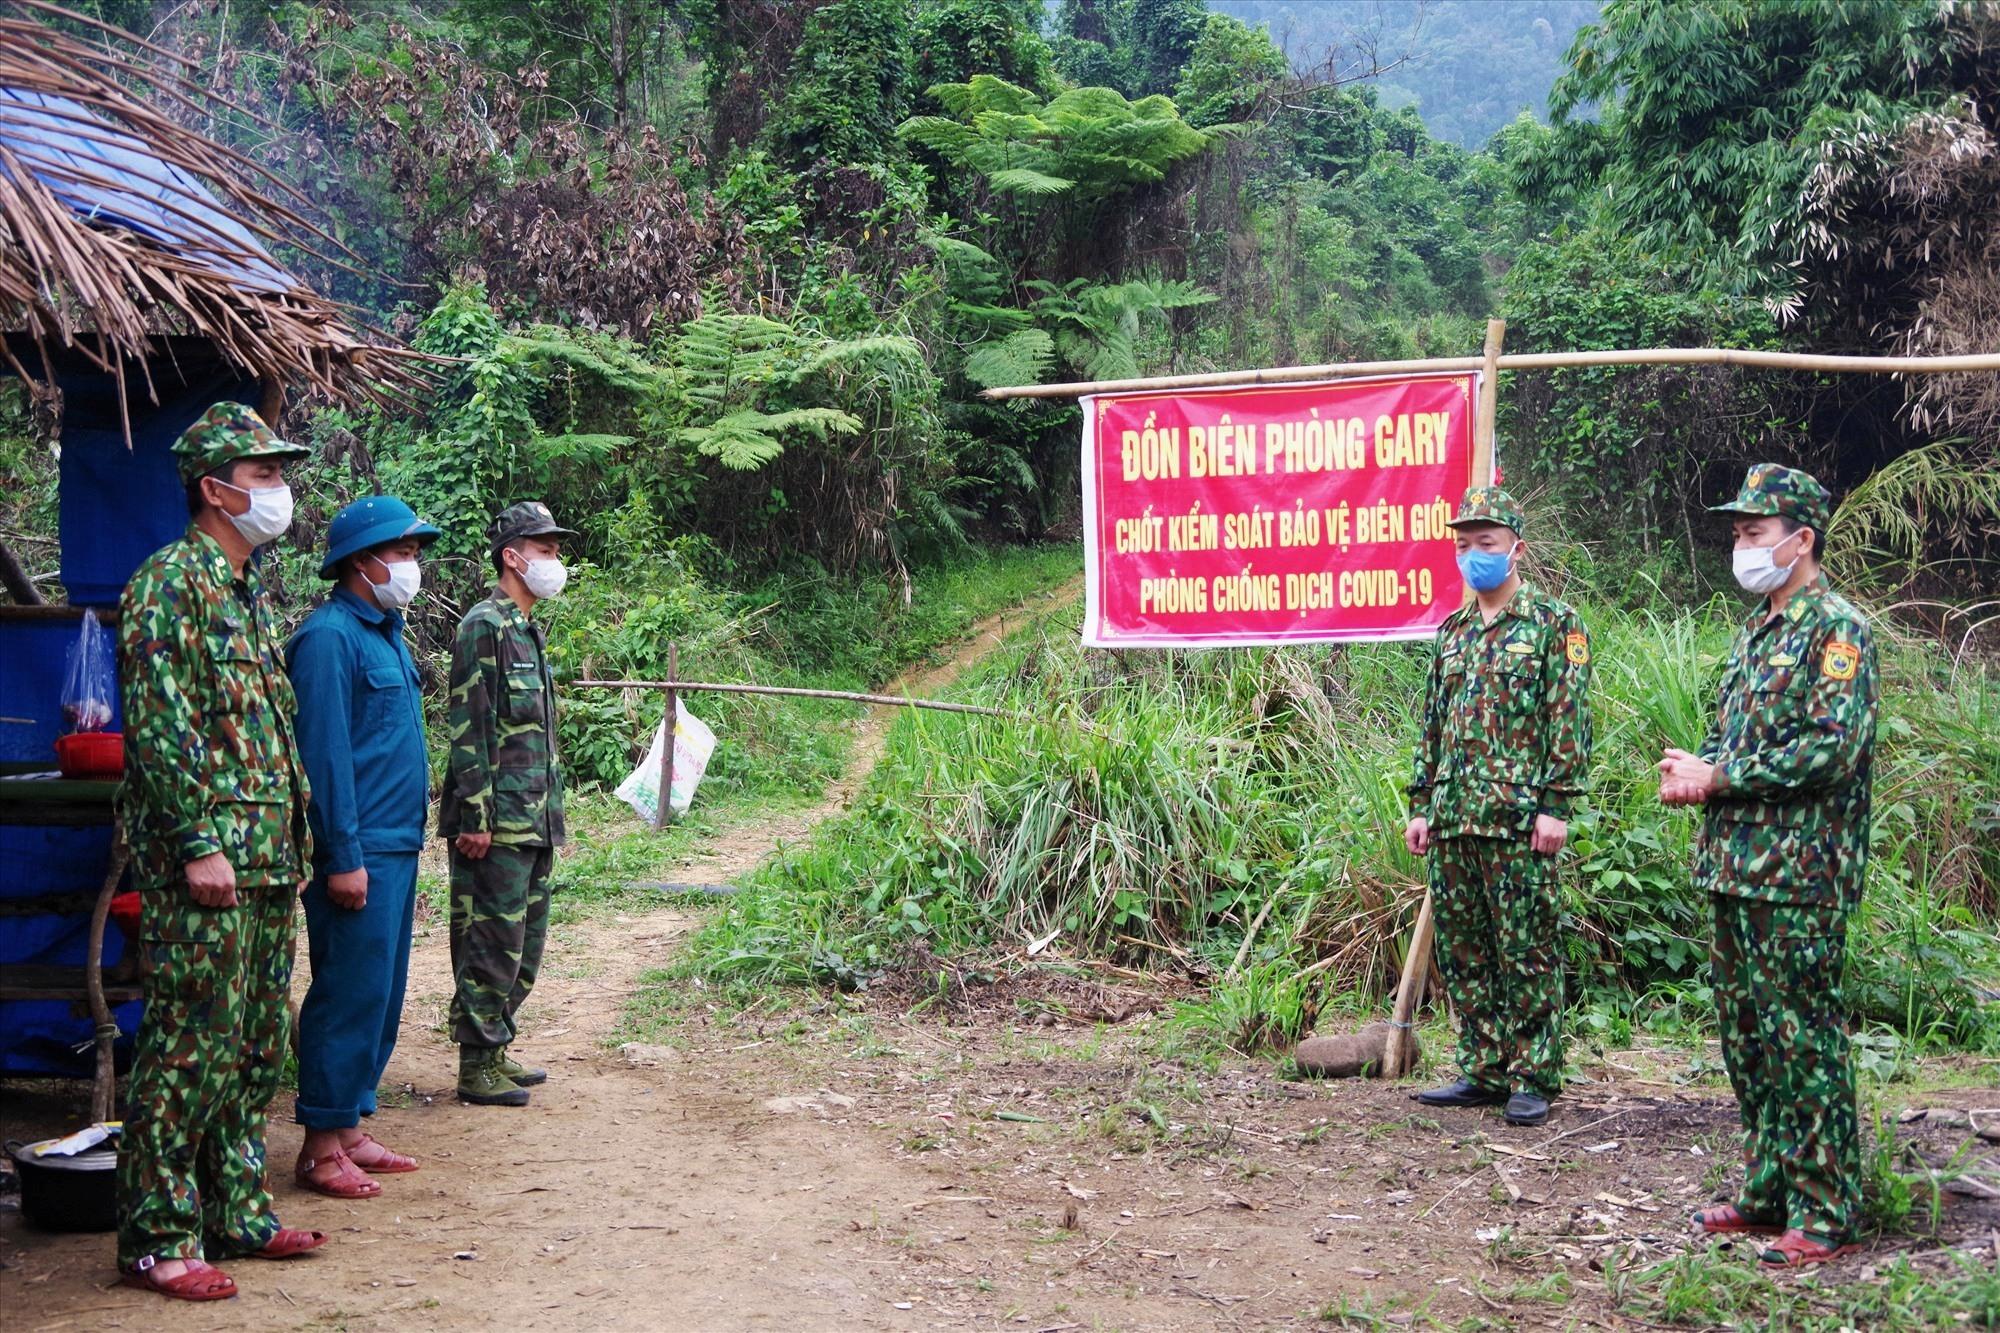 Thượng tá Hoàng Văn Mẫn - Chính ủy BĐBP tỉnh kiểm tra, động viên lực lượng đang làm nhiệm vụ cắm chốt thuộc Đồn Biên phòng Ga Ry. Ảnh: VĂN VINH